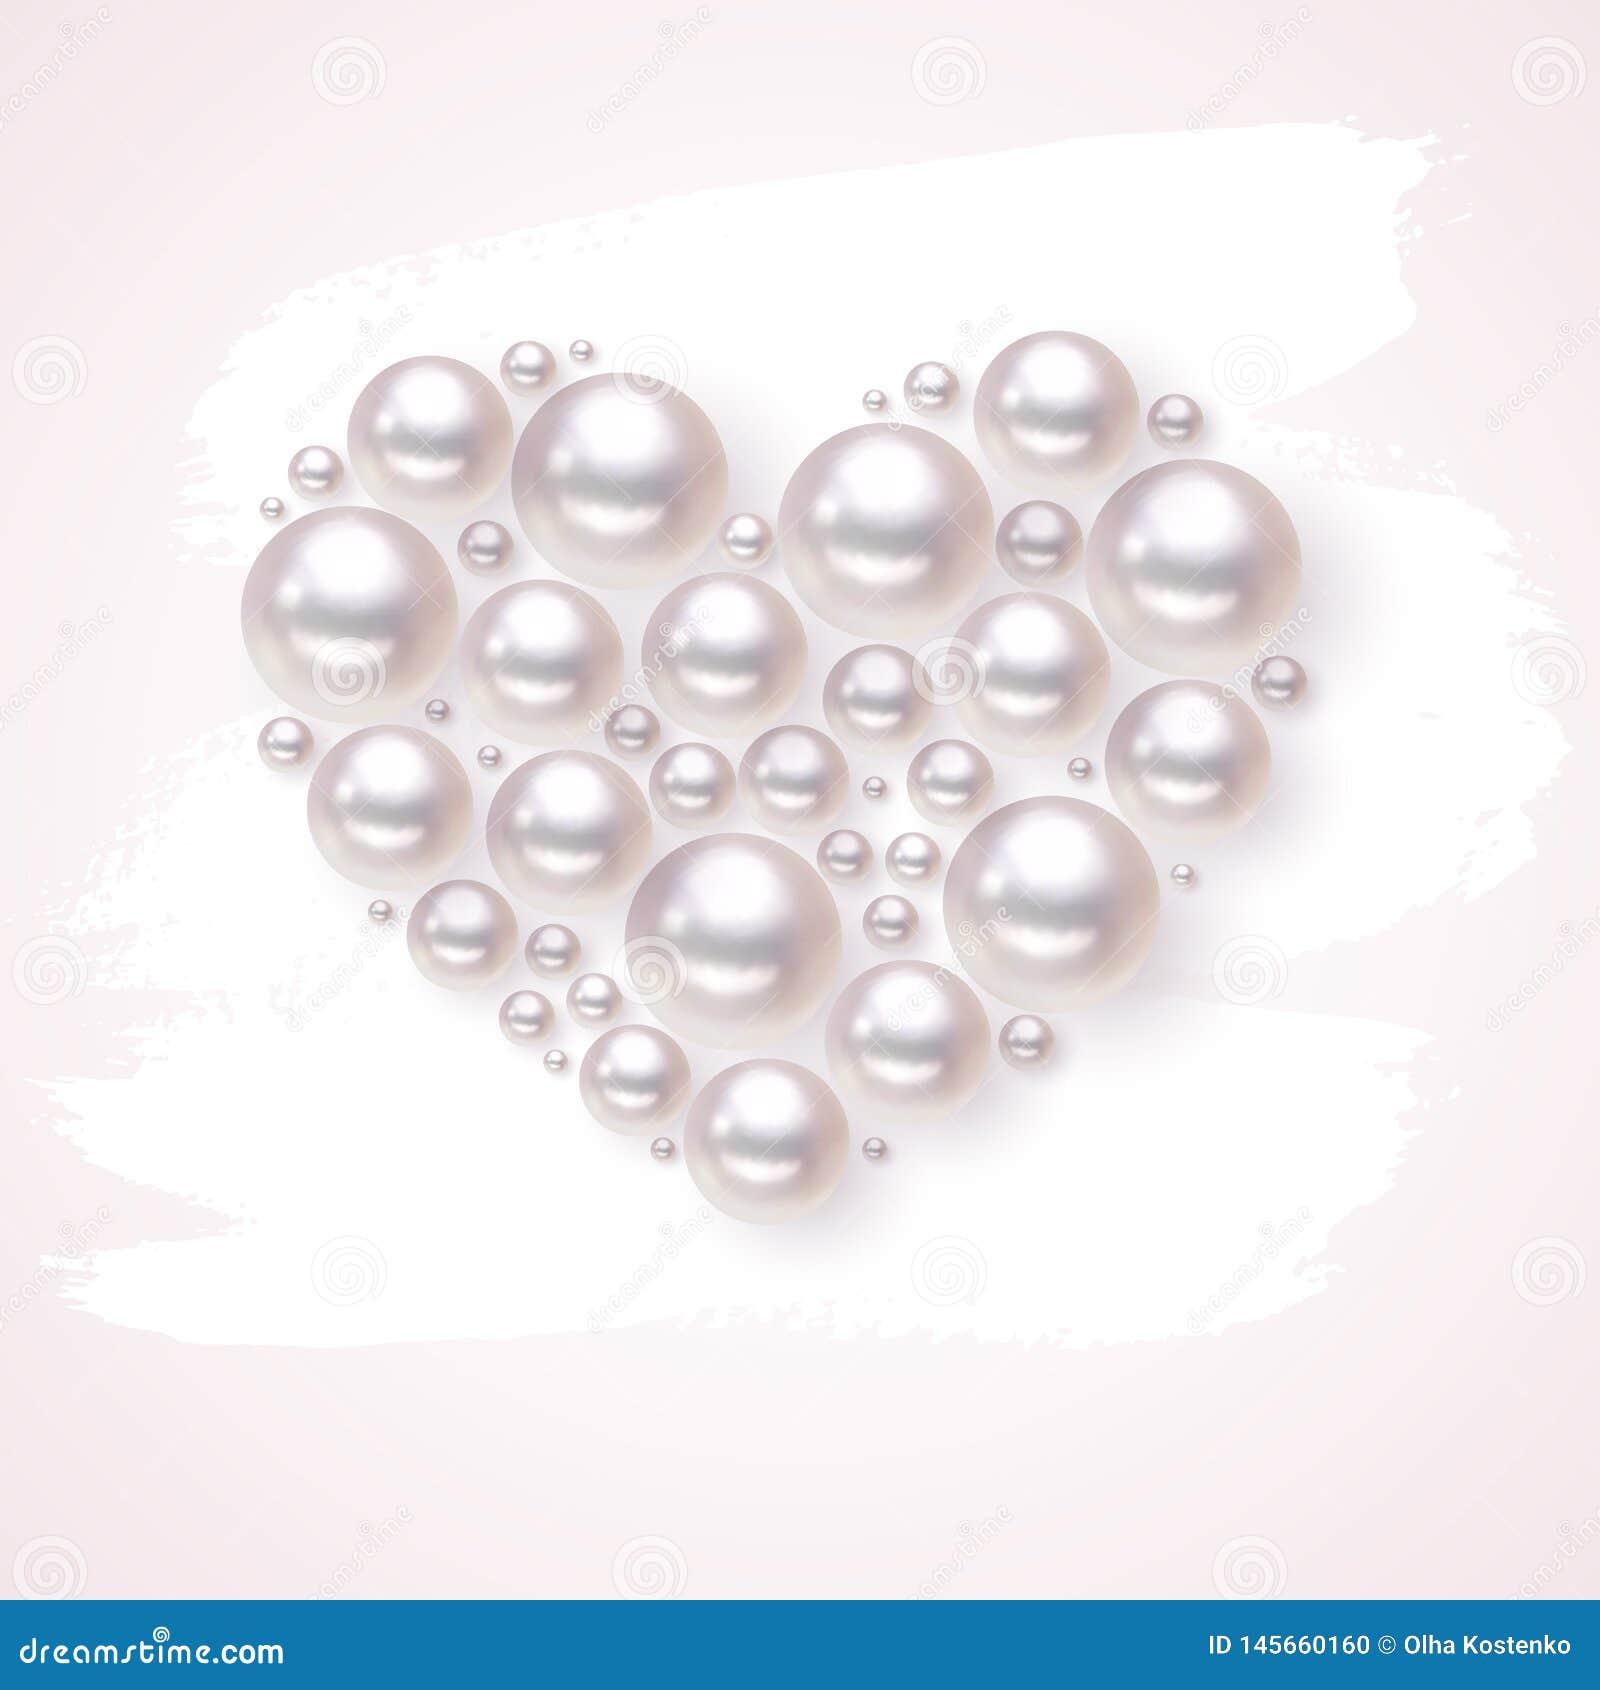 Fondo exhausto del splodge del vector del corazón de la perla a mano